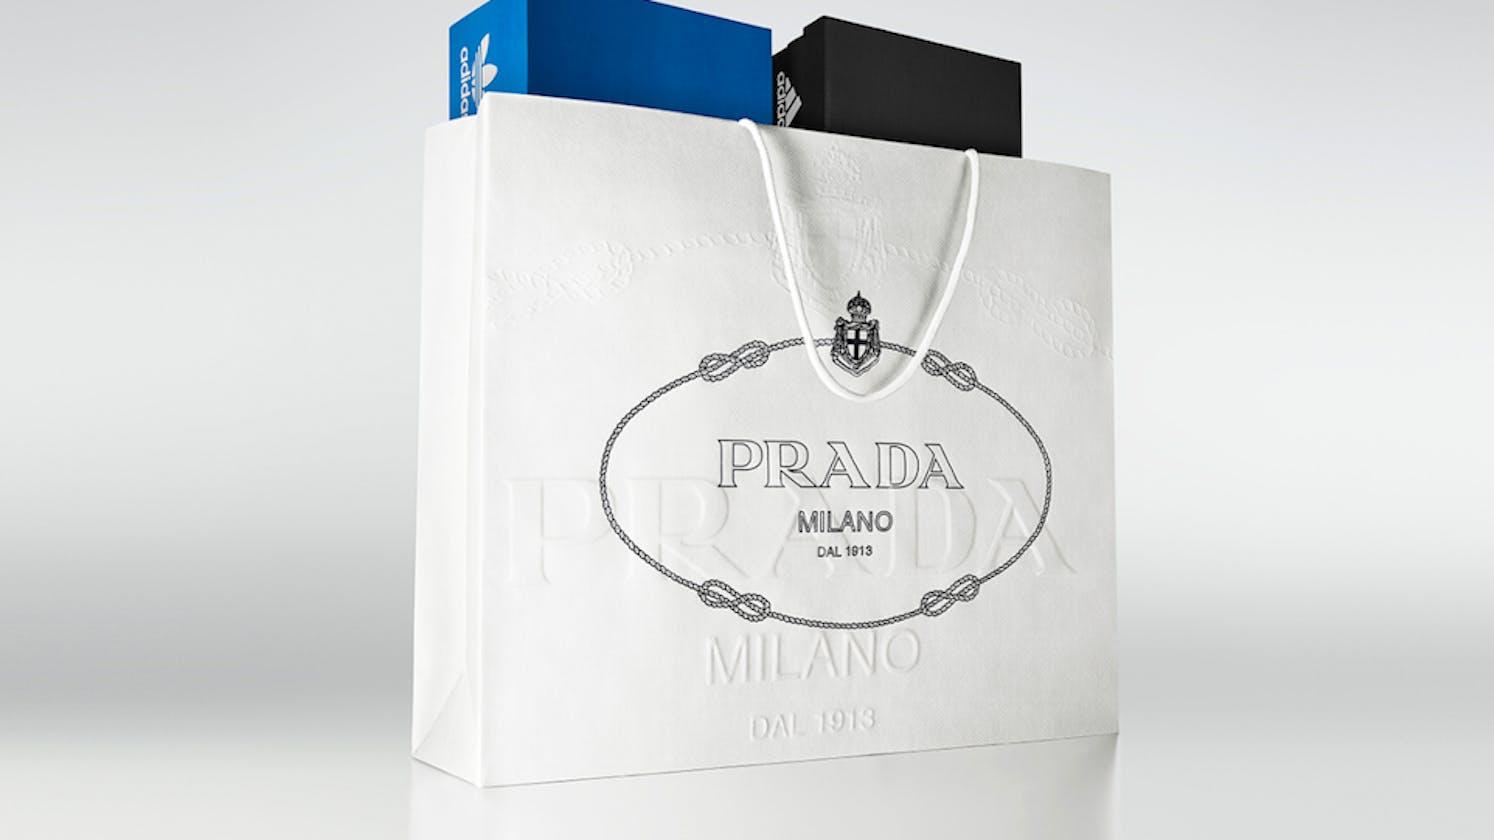 Prada og Adidas avslører sitt nye sneaker samarbeid   Costume.no